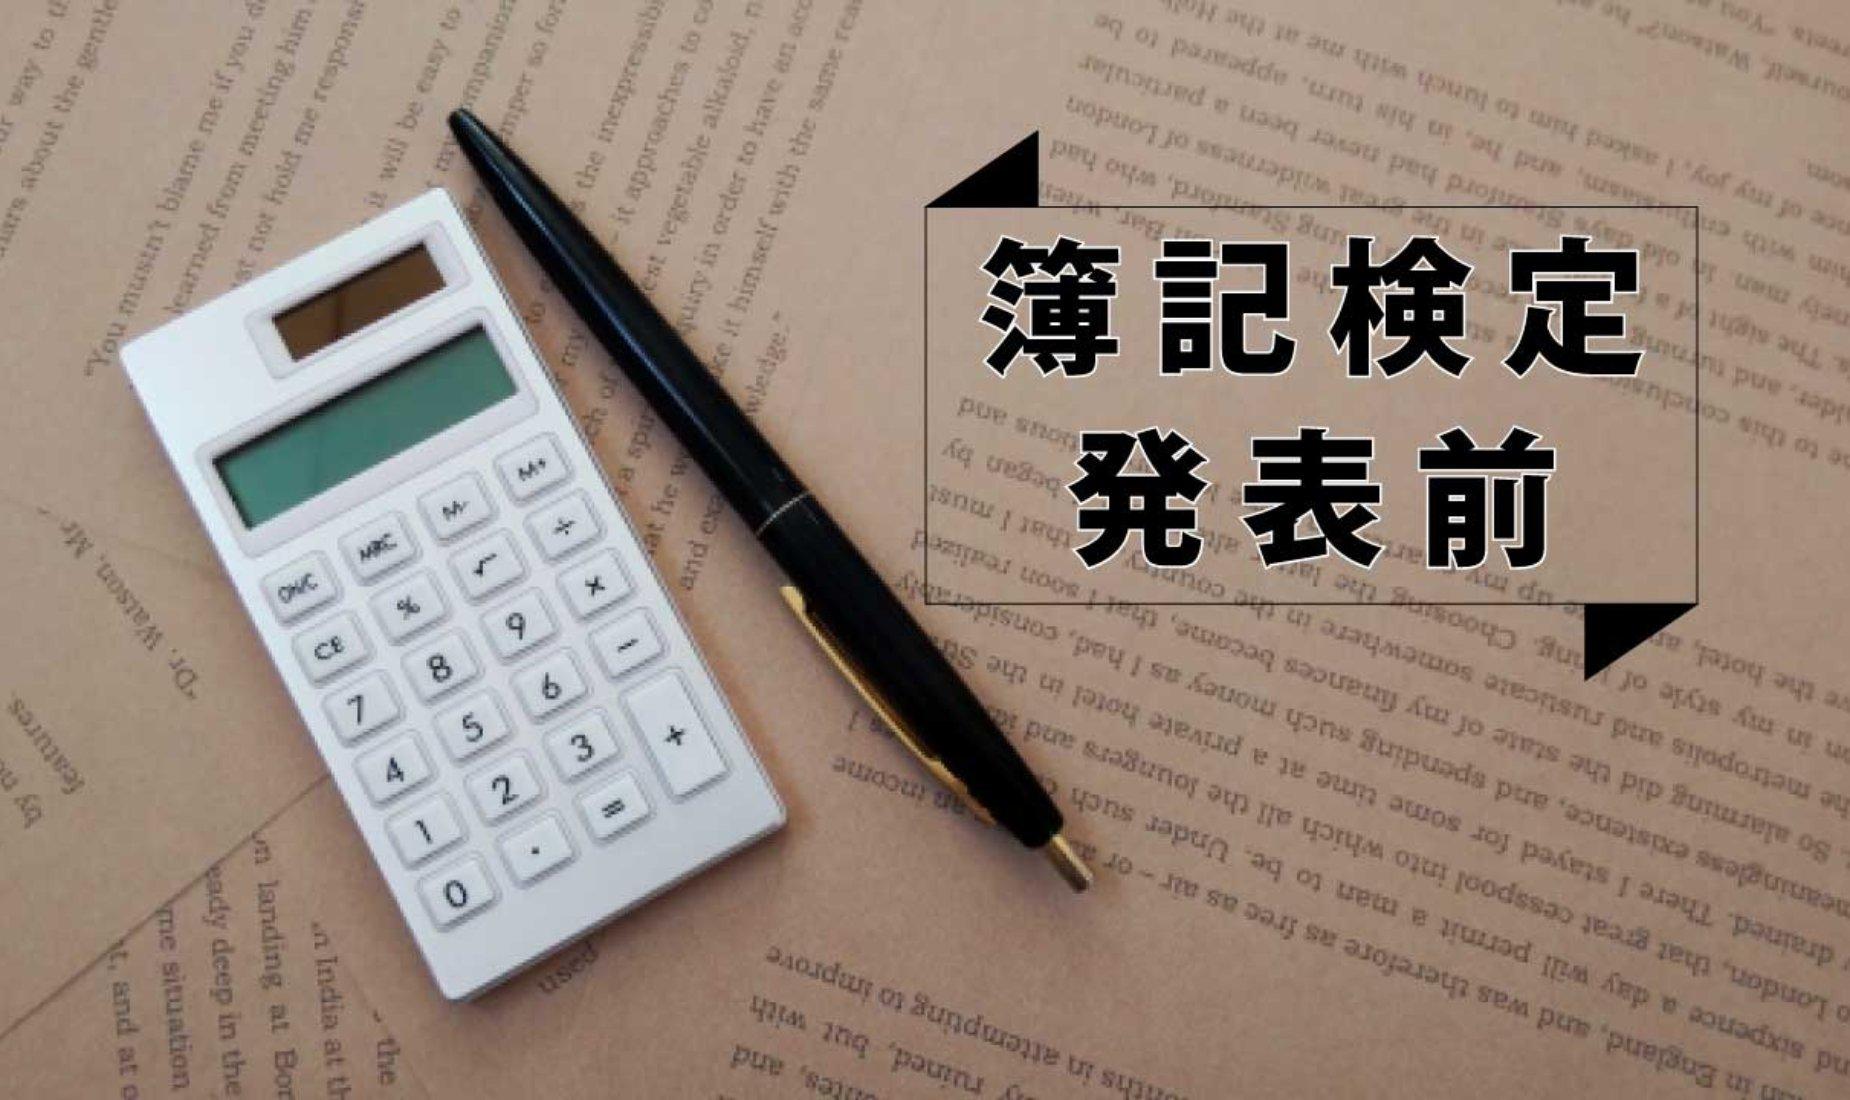 簿記検定発表前 利用者・S